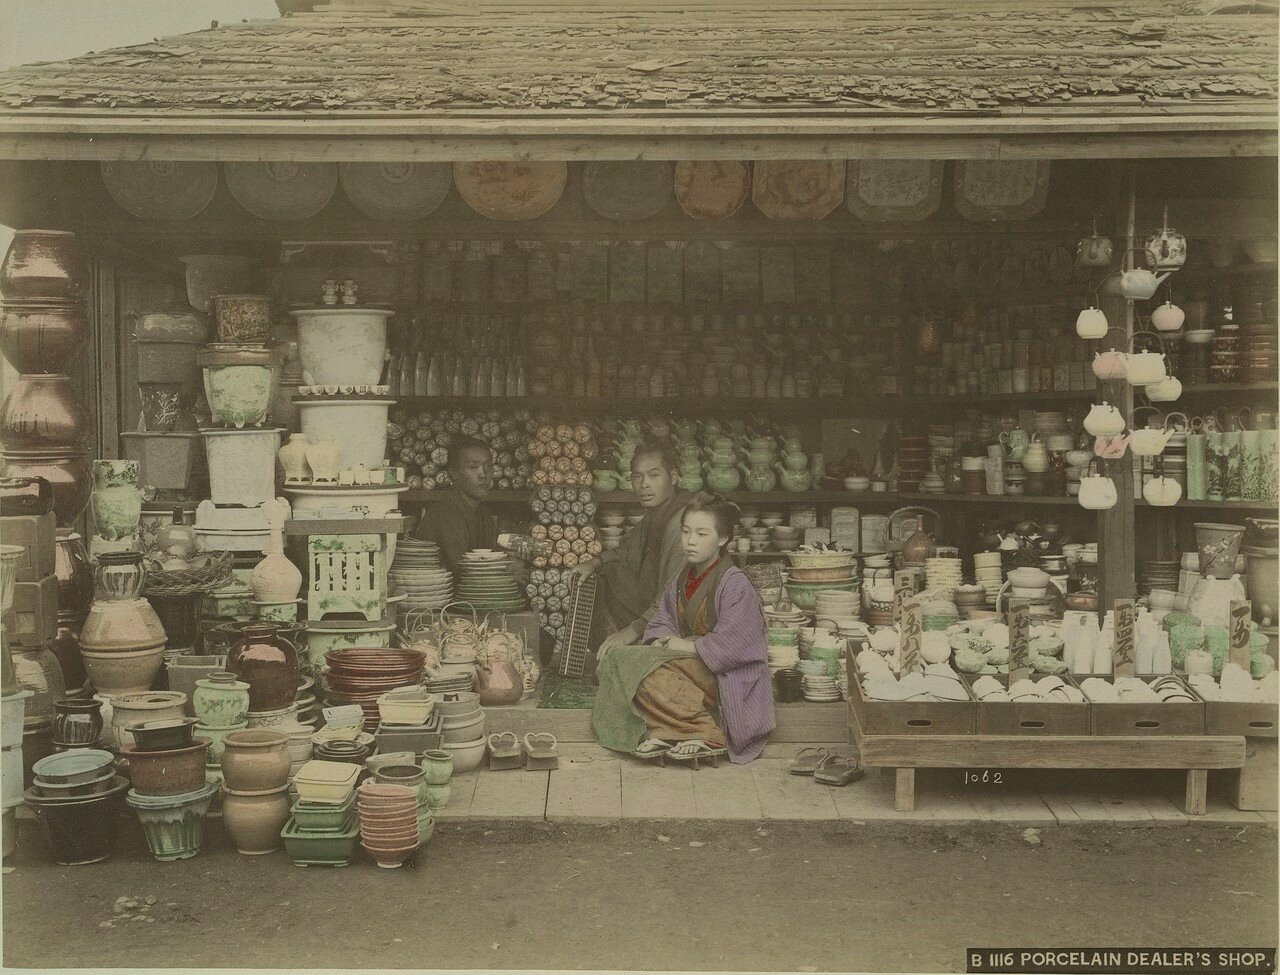 Магазин торговца фарфором